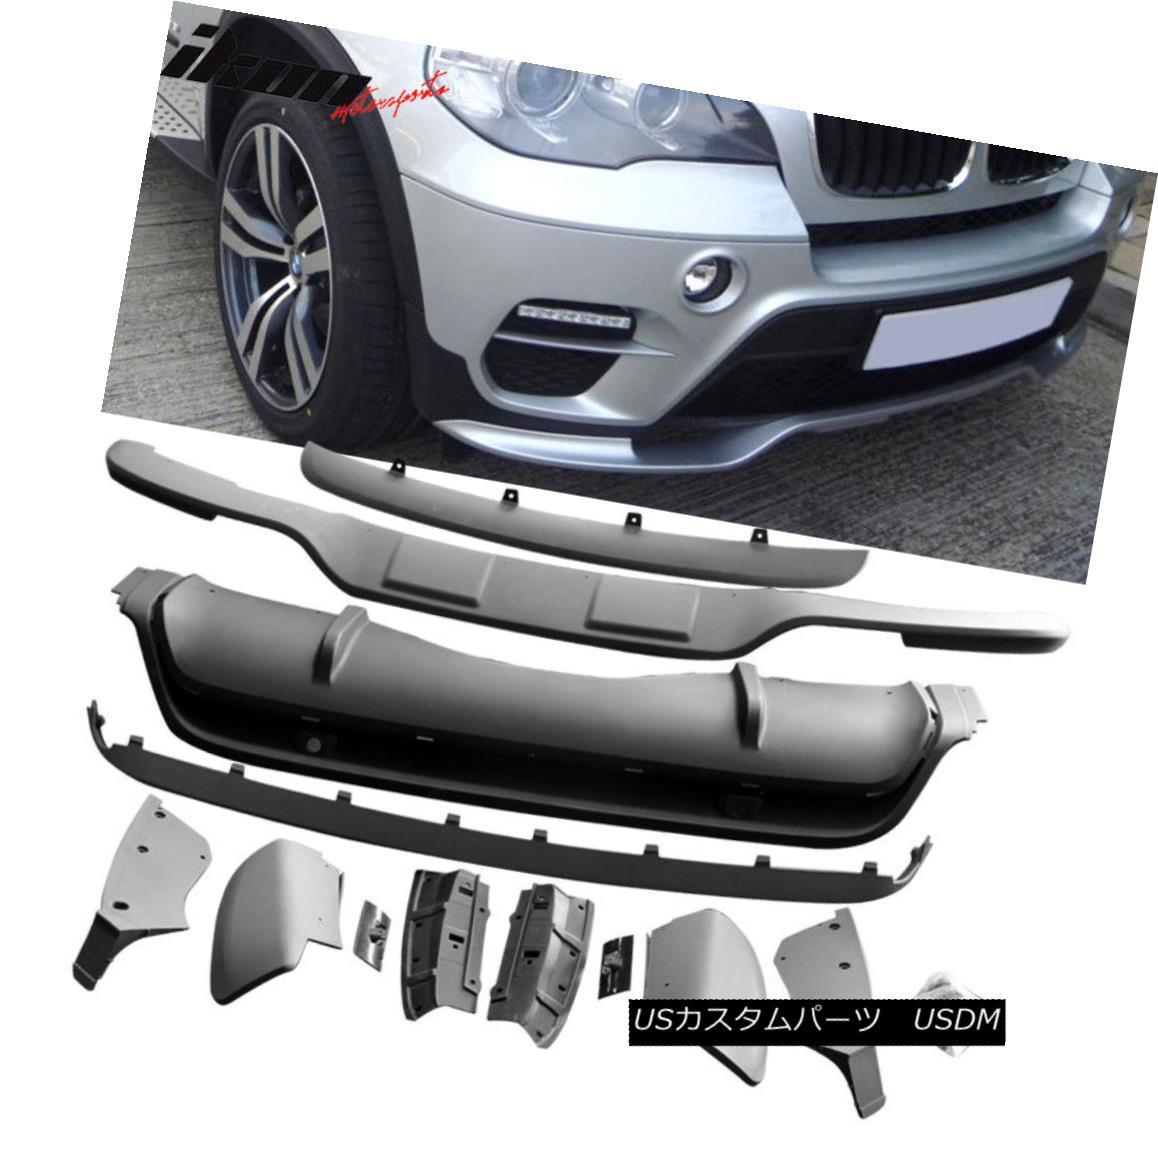 エアロパーツ Fits X5 E70 11-13 PP Lci Model Front & Rear Bumper Lip Spoiler Kit 13Pcs PP フィットX5 E70 11-13 PP Lciモデルフロント& リアバンパーリップスポイラーキット13個PP